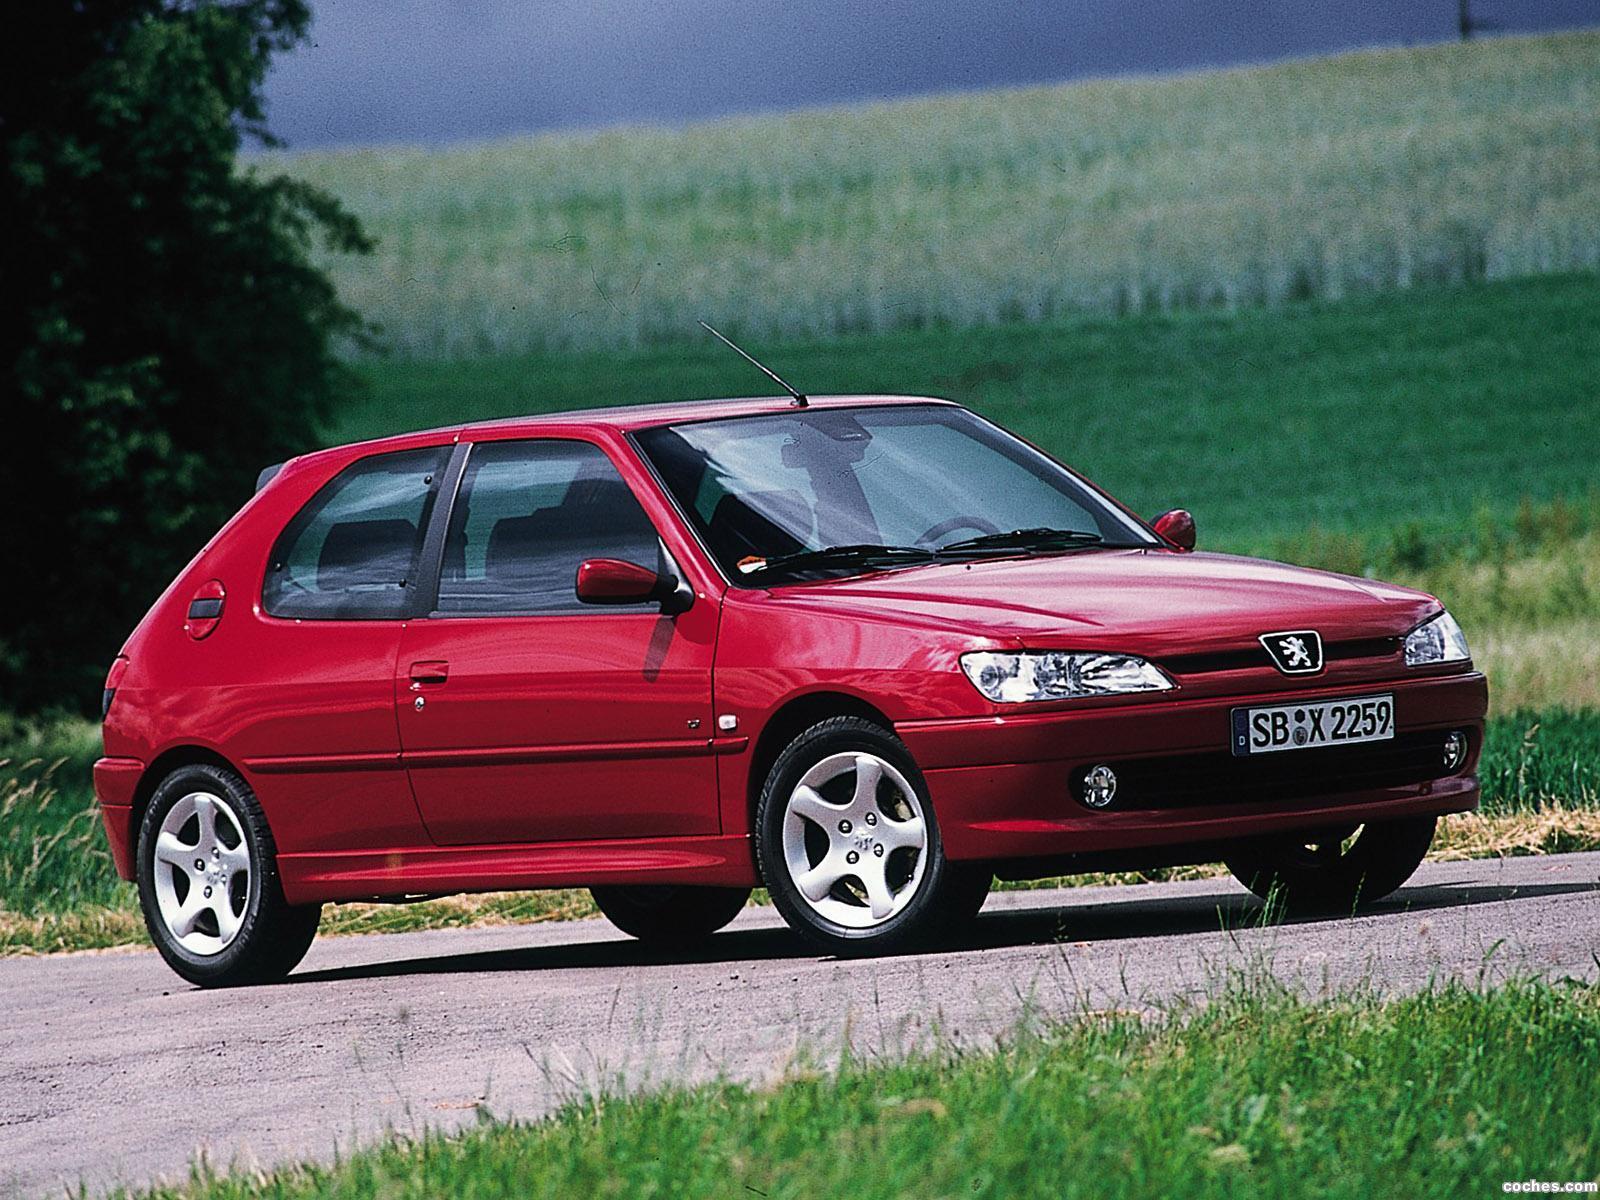 Foto 0 de Peugeot 306 3 door 1997